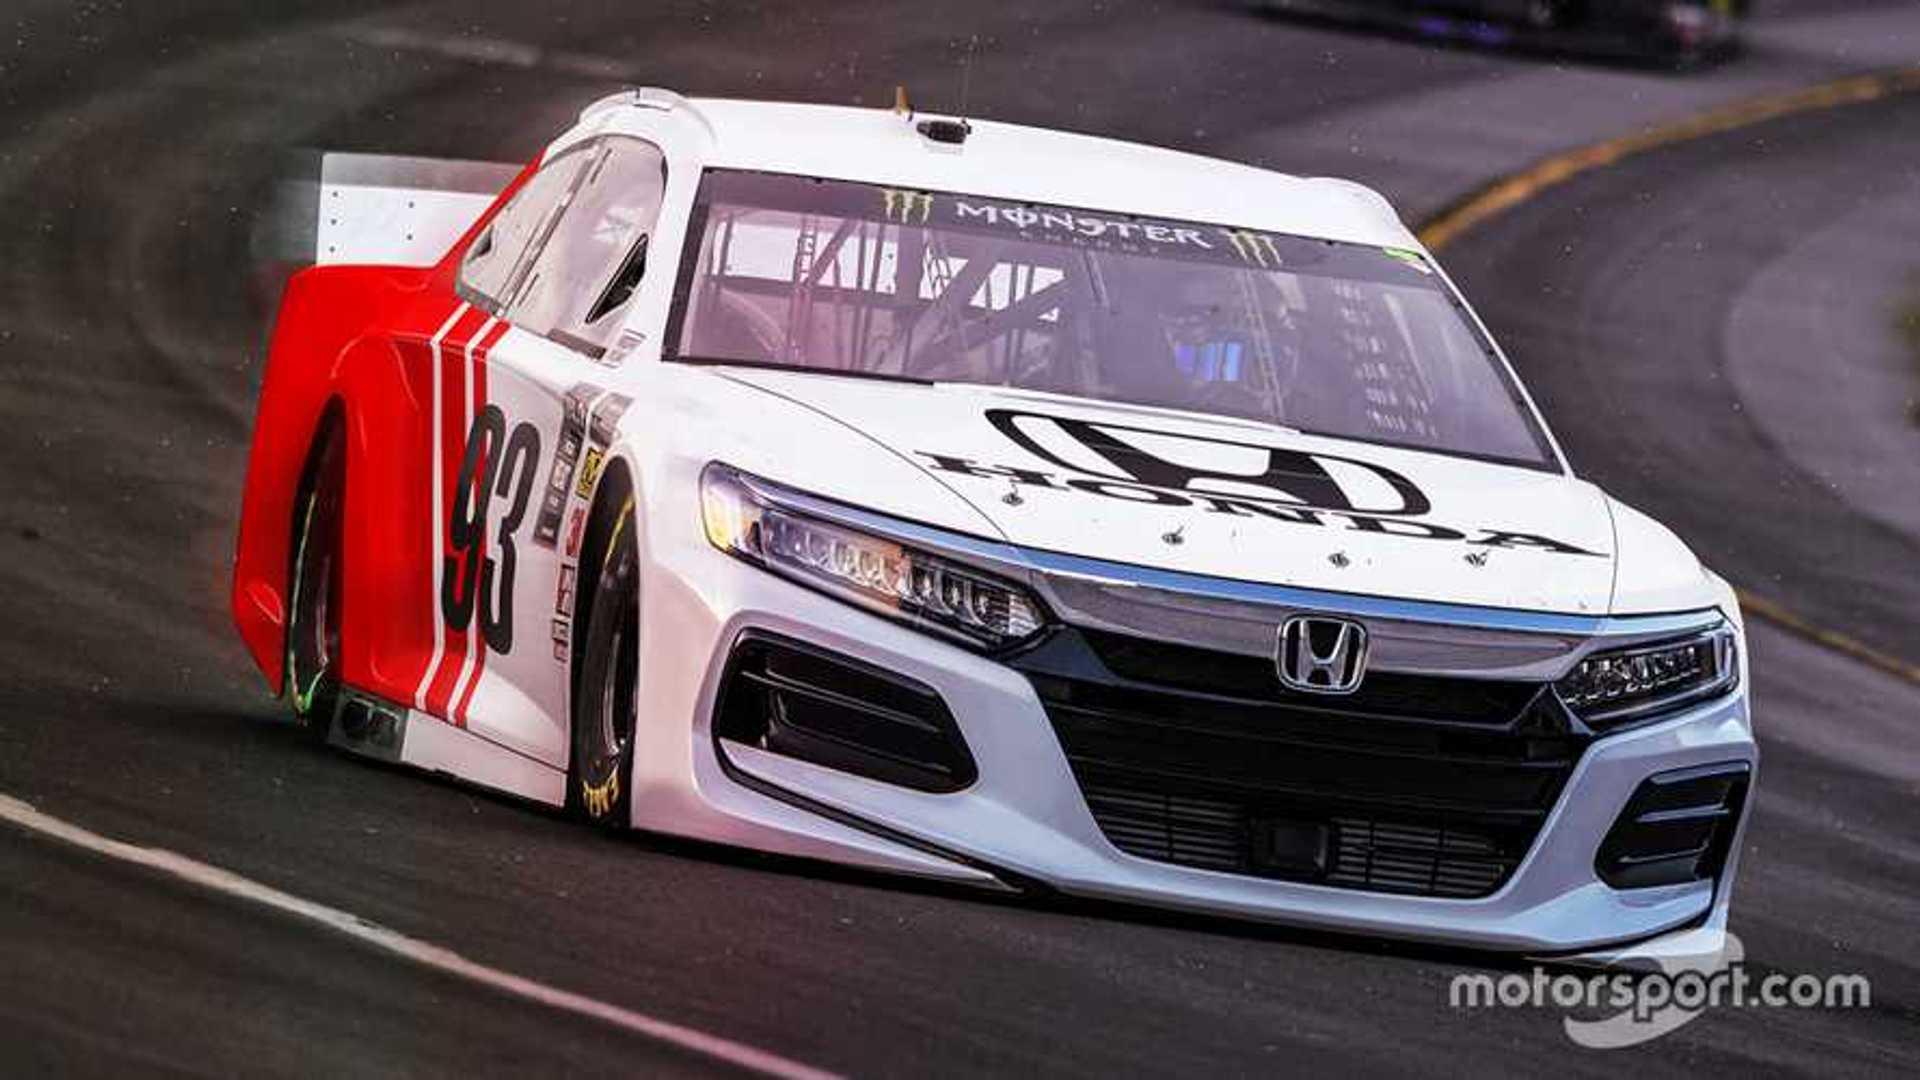 Honda 'would jump at chance' to enter NASCAR if it 'makes sense'